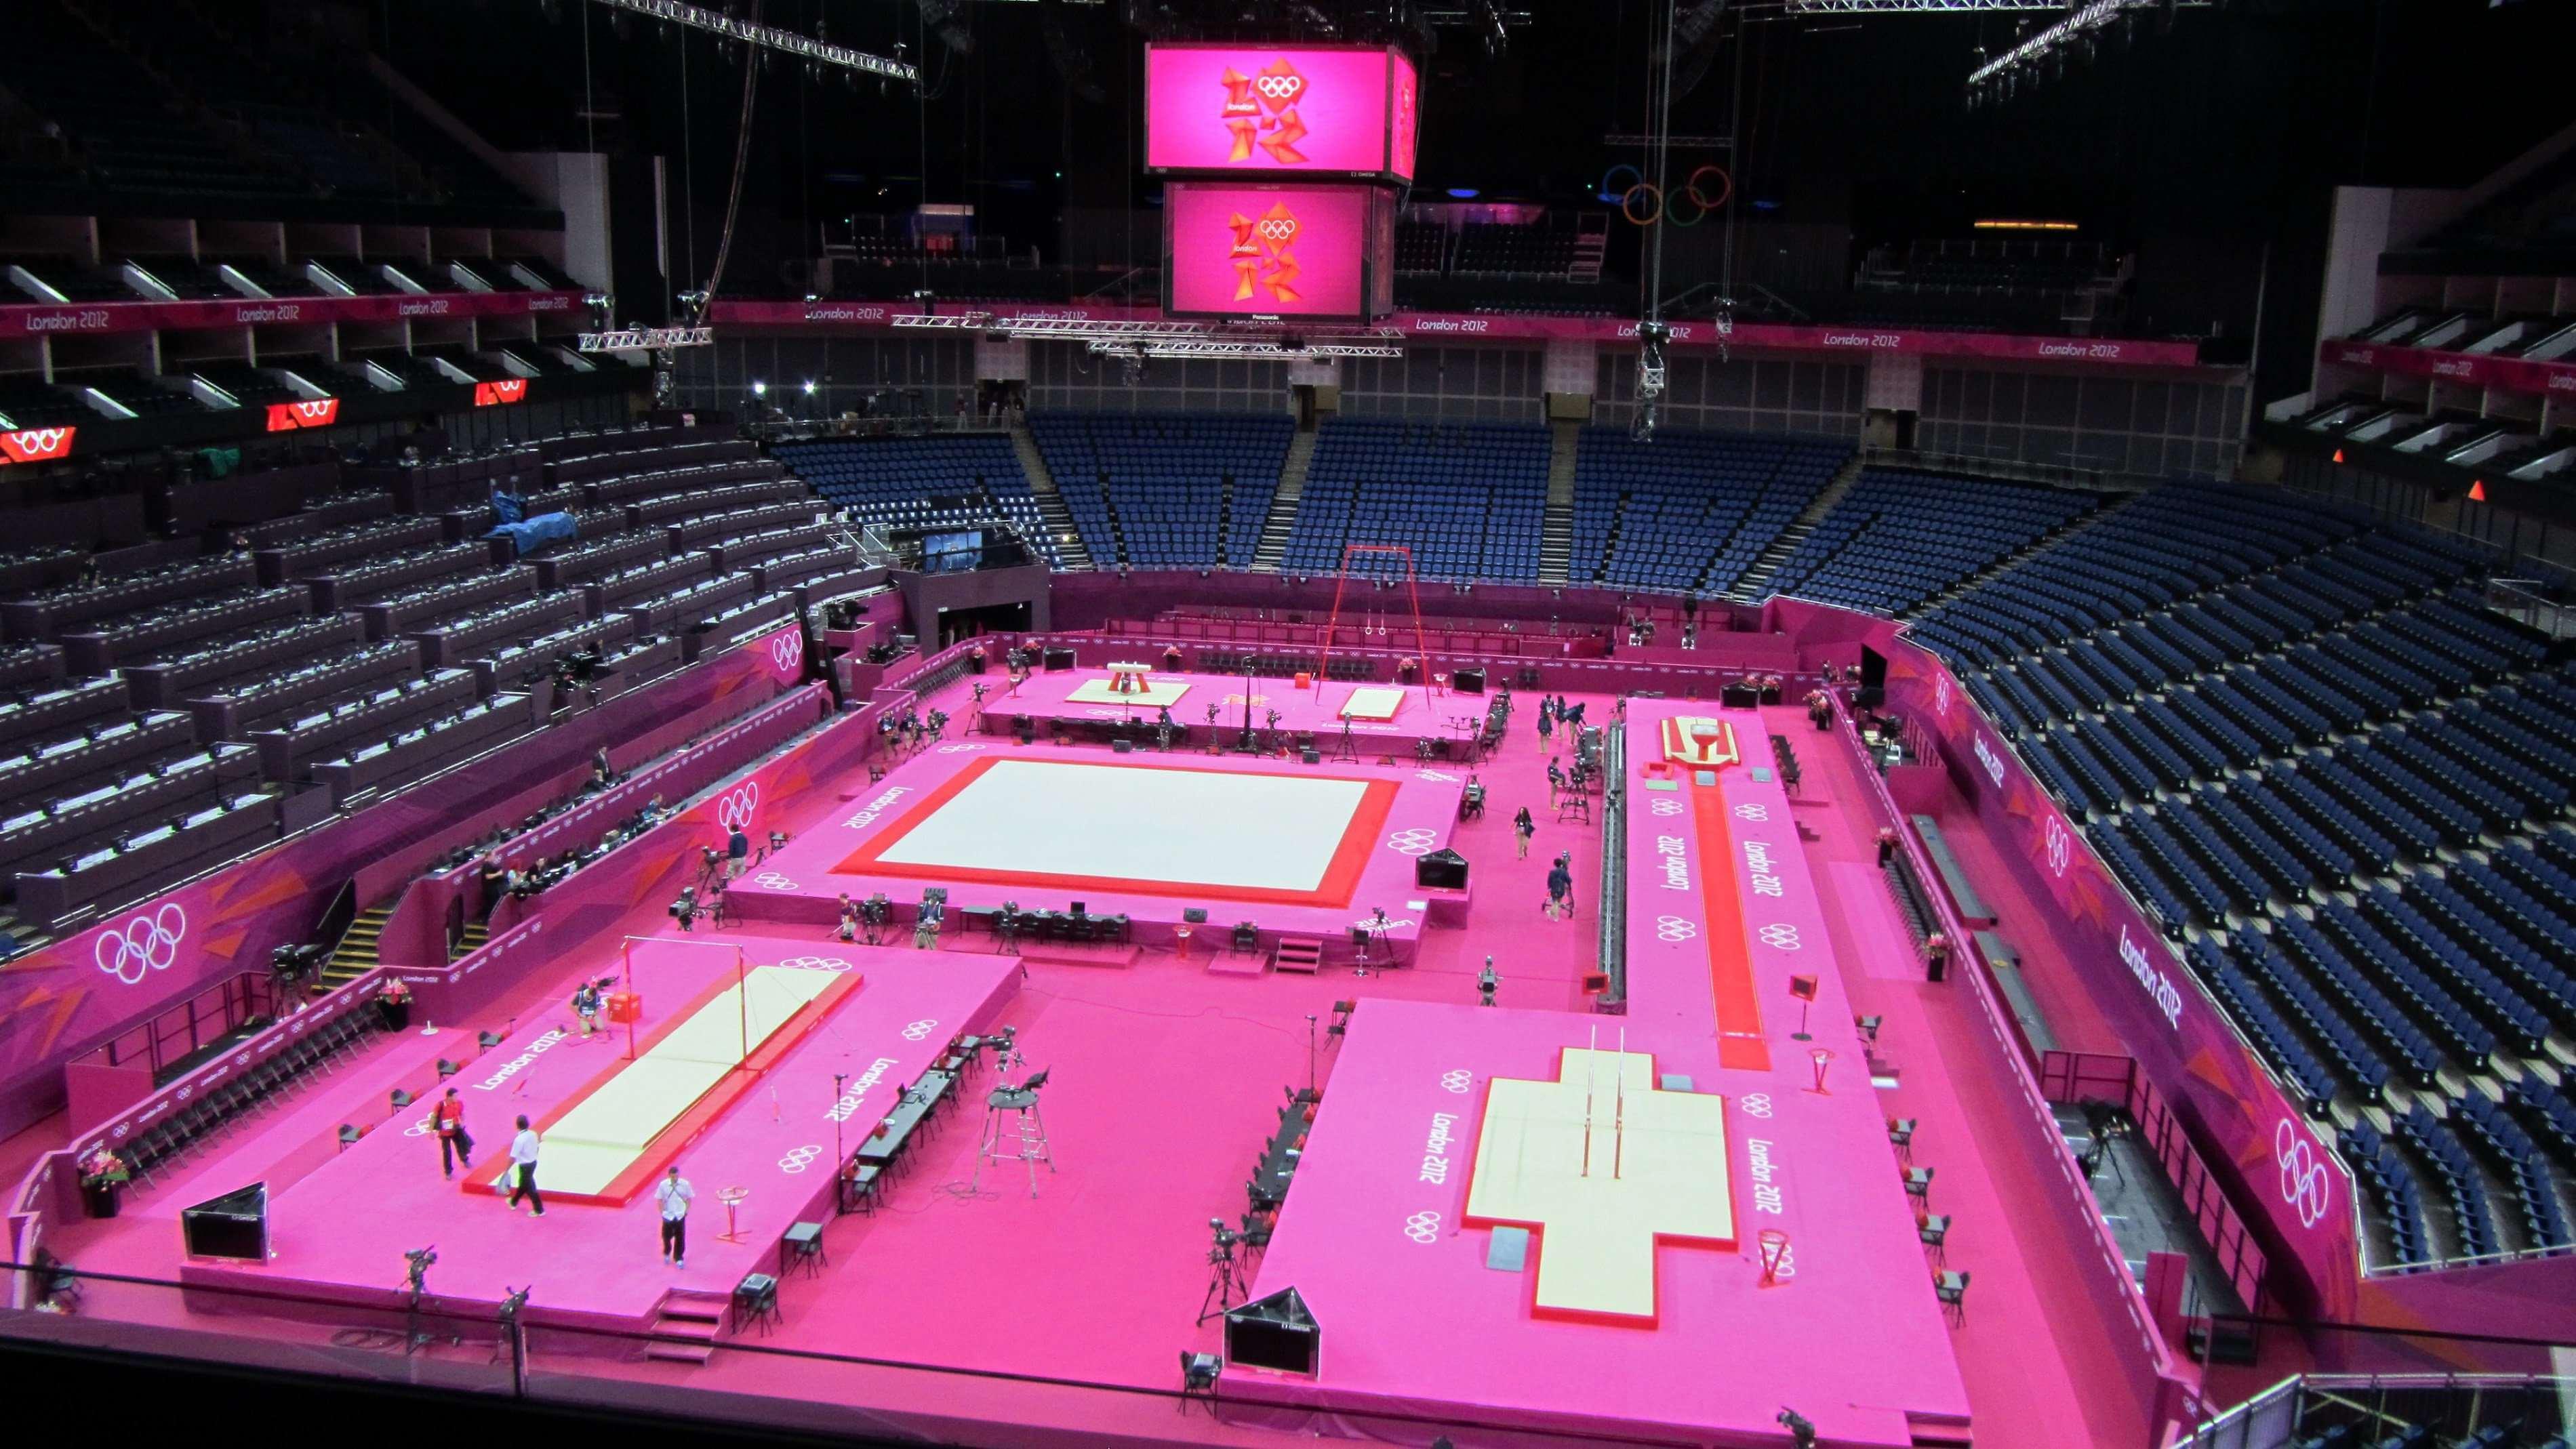 Artistic Gymnastics arena